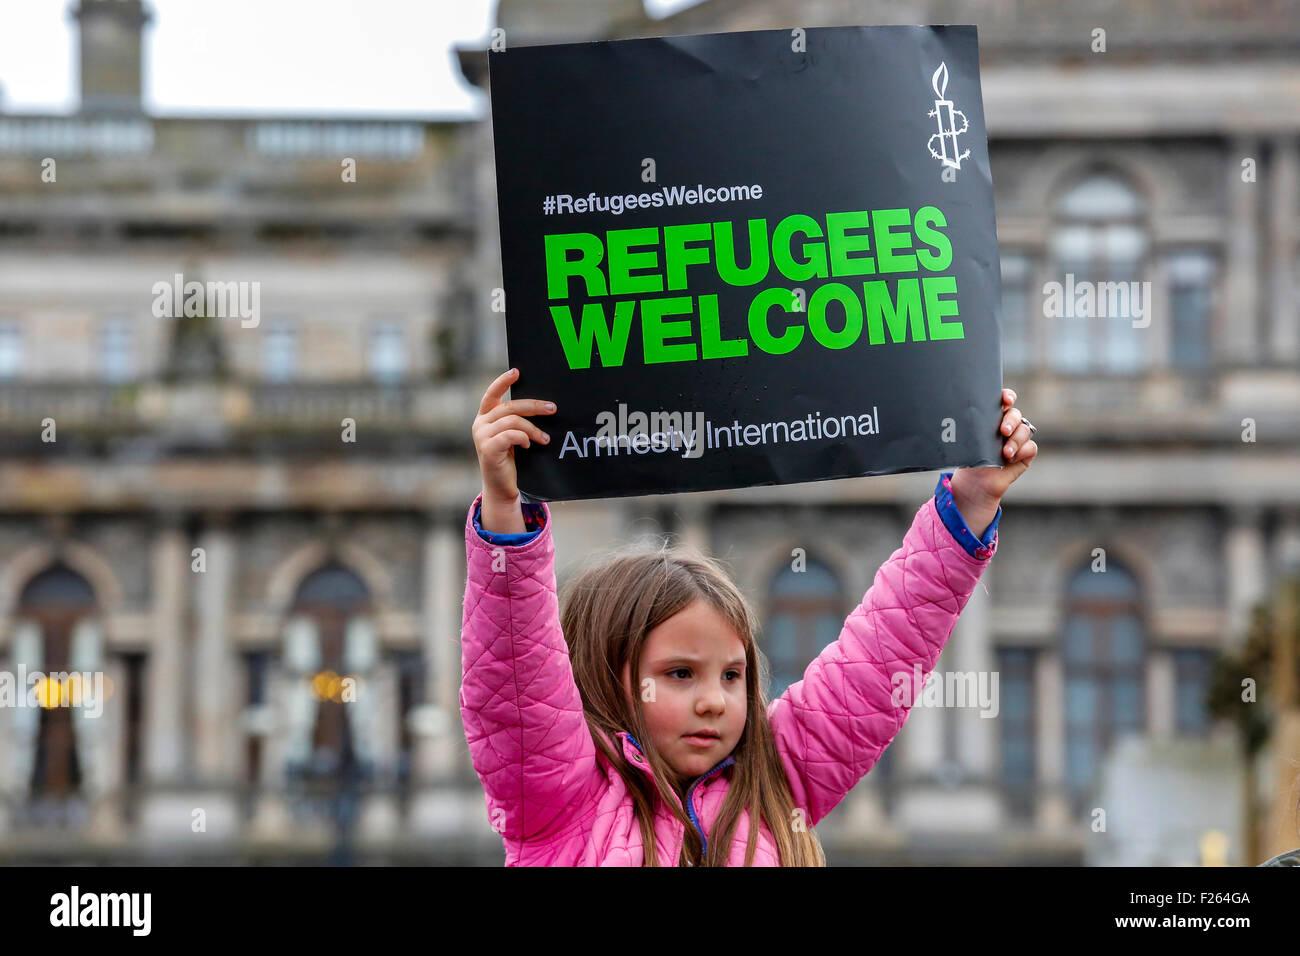 Glasgow, Schottland. 12. September 2015. Trotz des starken Regens kamen etwa 2000 Menschen eine Kerzenlicht-Mahnwache Stockfoto